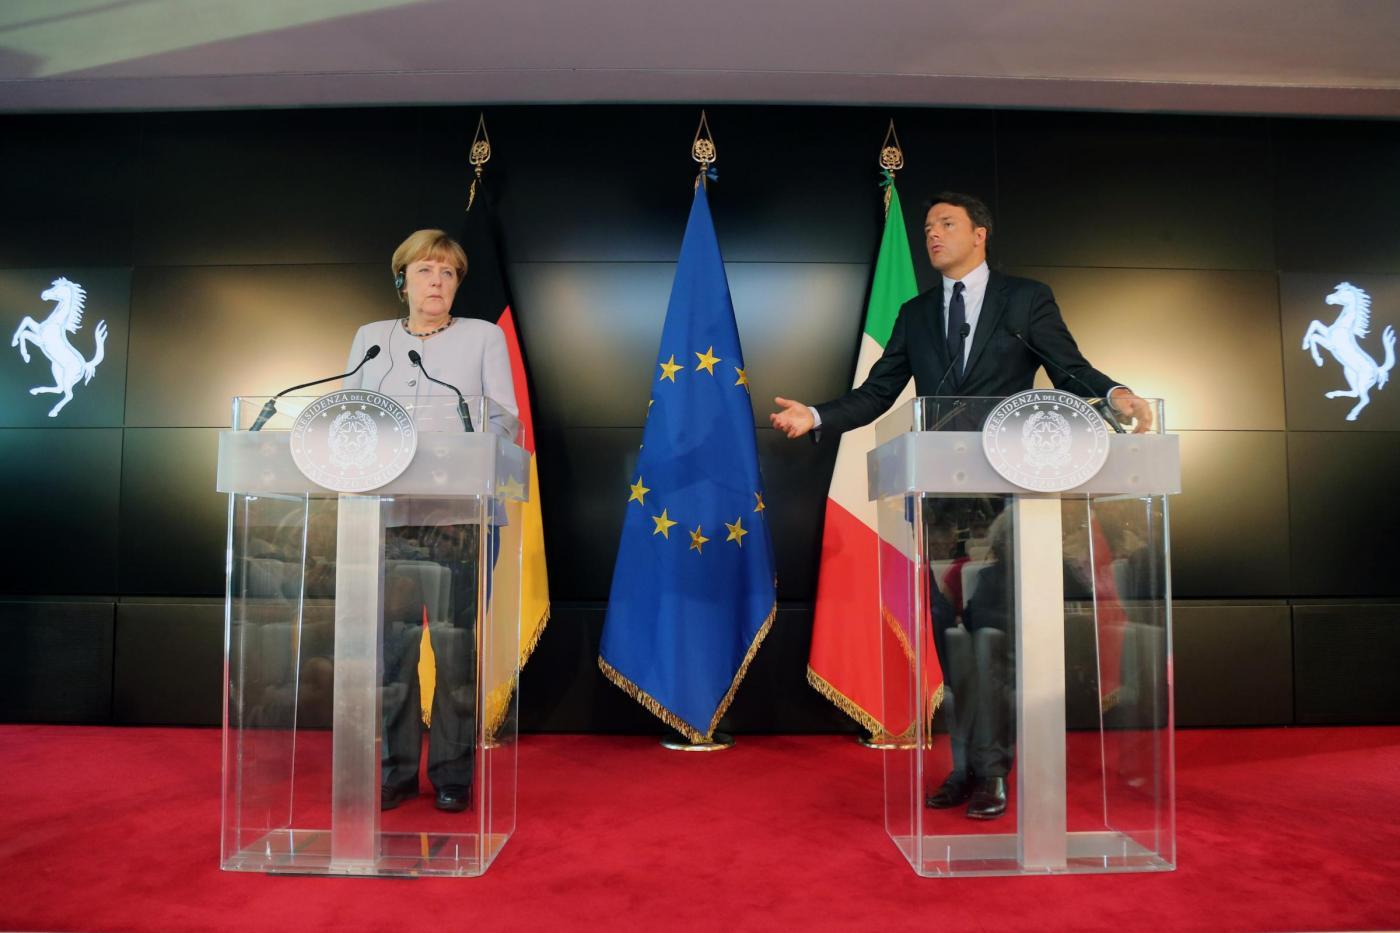 ITALY GERMANY LEADERS MEETING